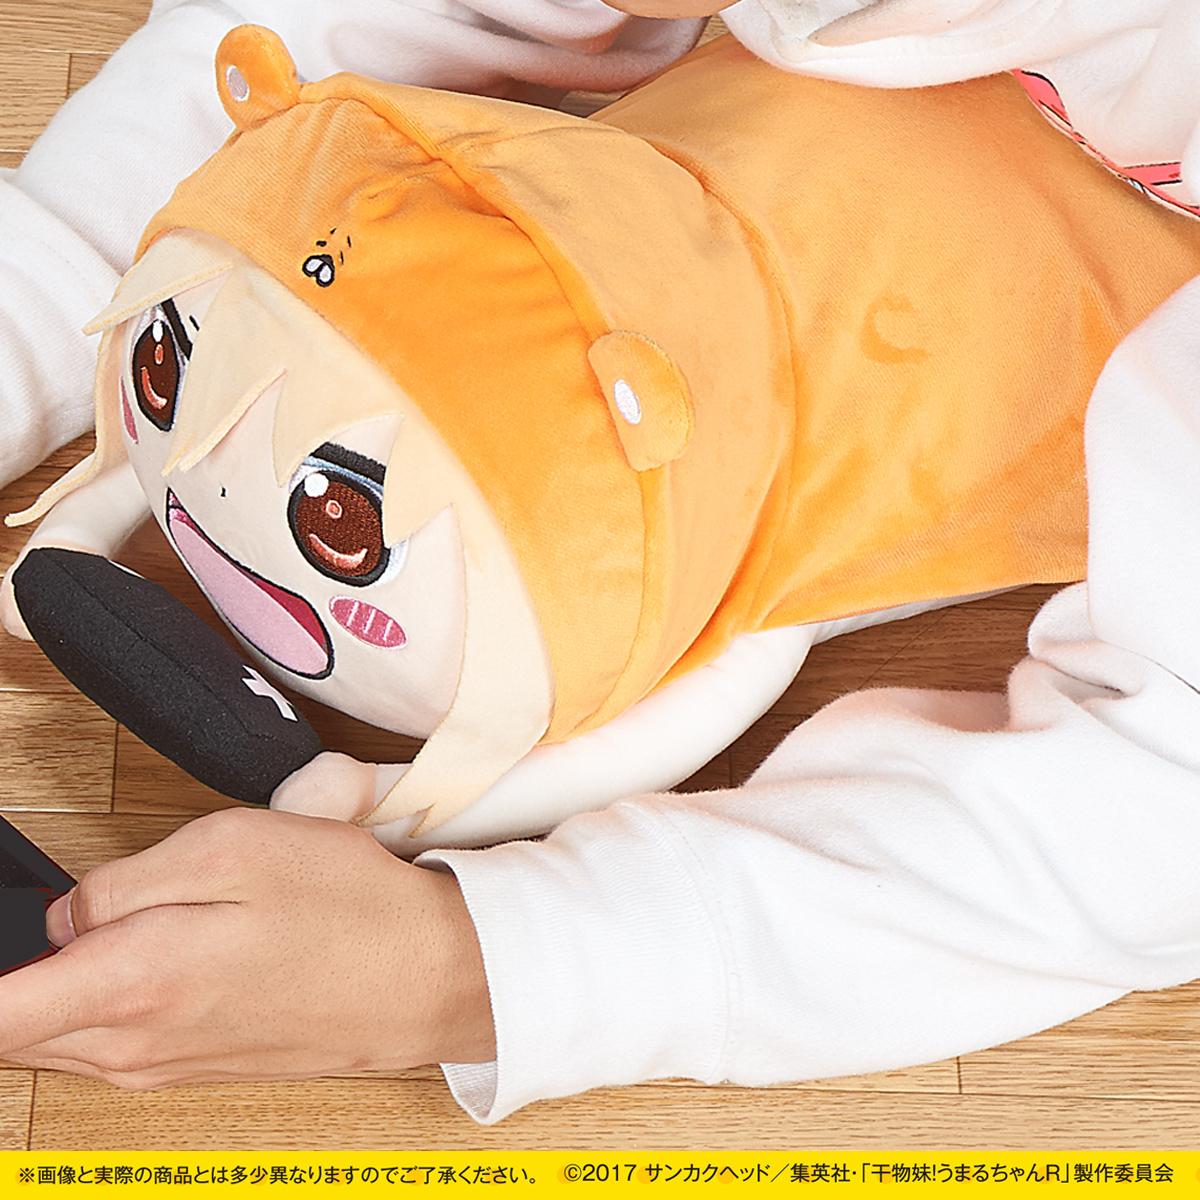 お兄ちゃん!一緒にゲームしよ!「うまるちゃん」寝転びクッション登場!!